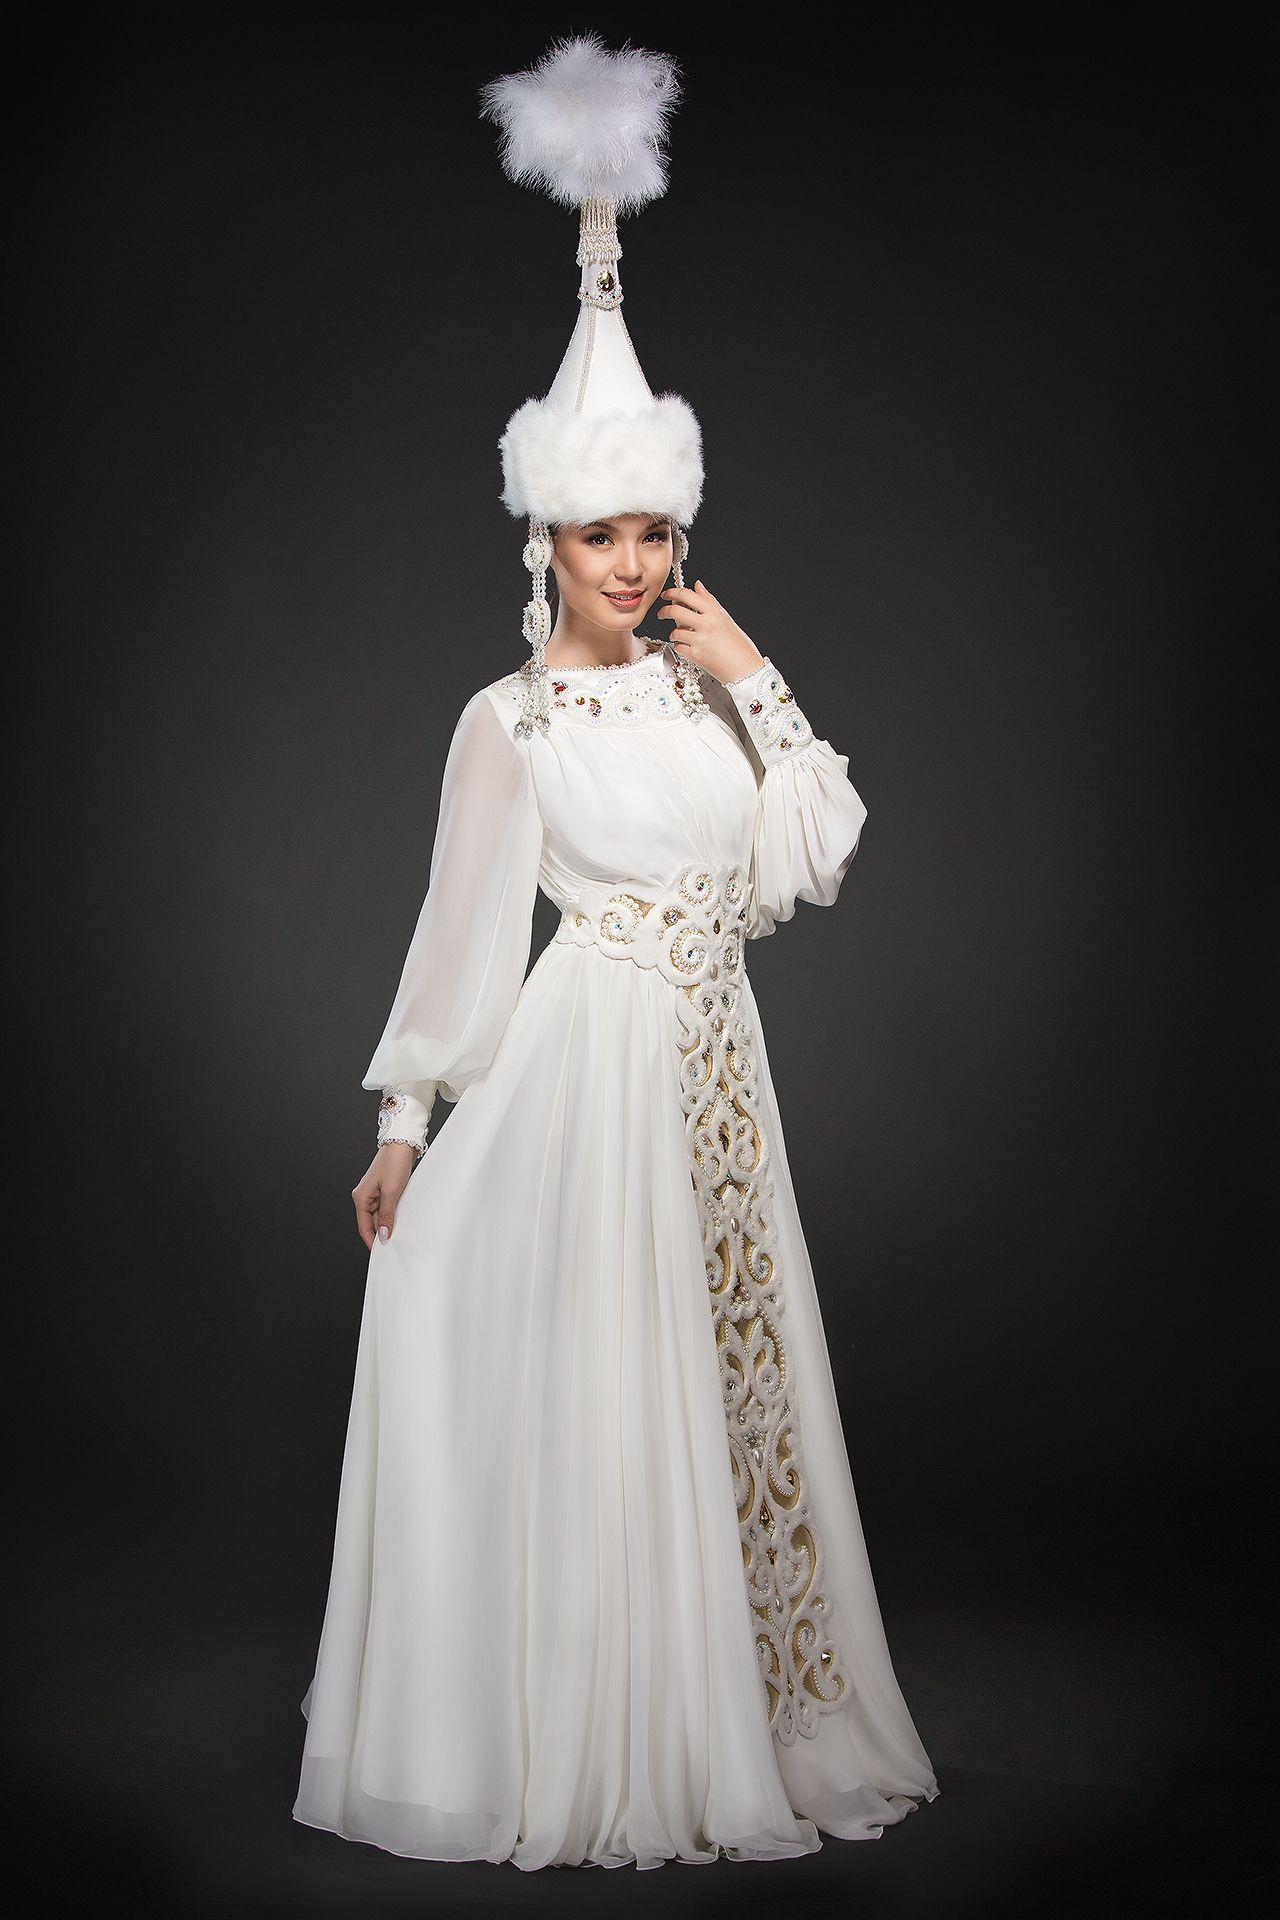 8941723c08ddec5 Салон казахских свадебных платьев. Купить платье на узату. Прокат платьев на